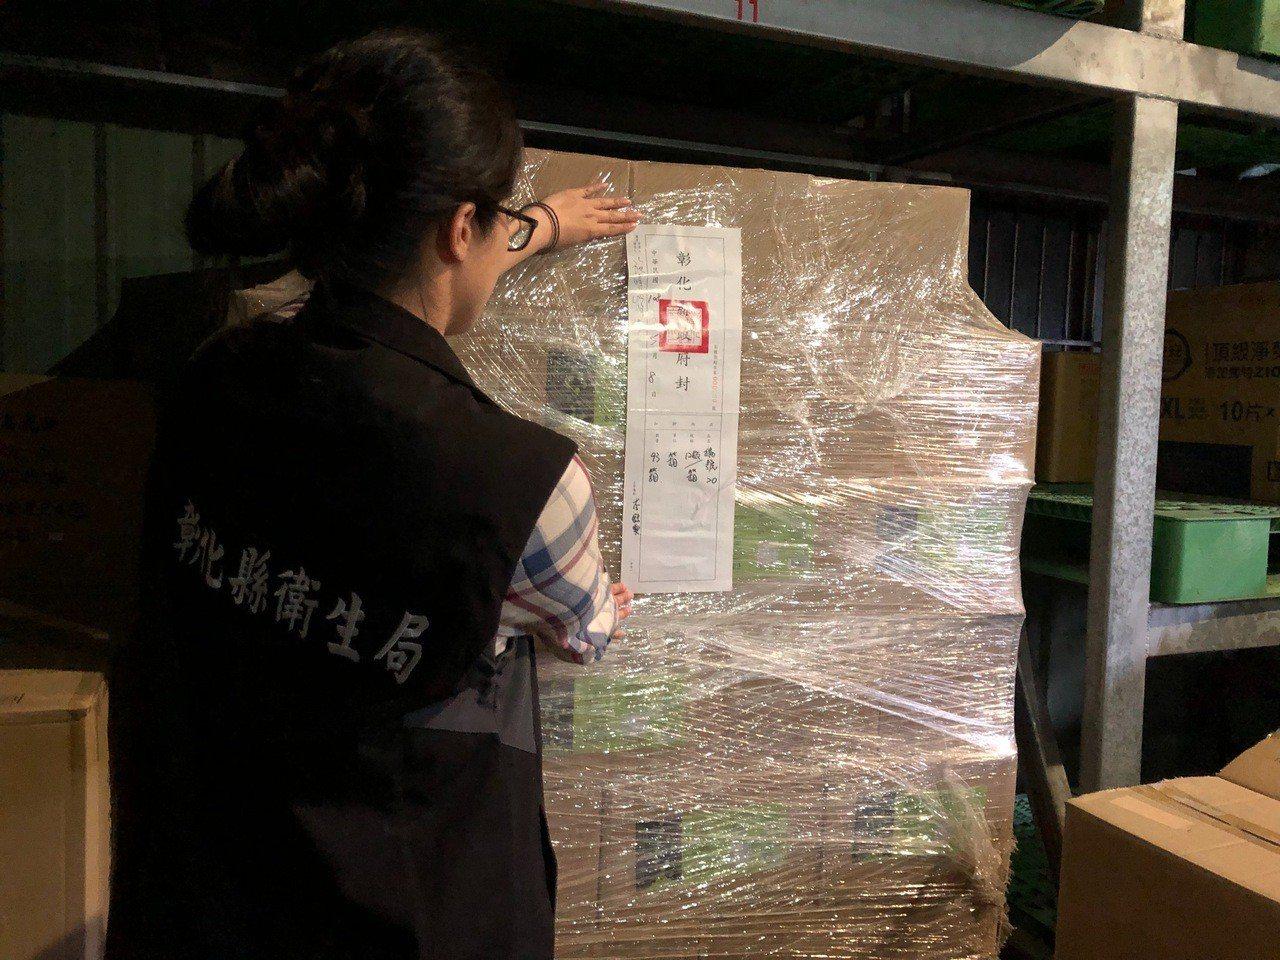 彰化衛生局到二林鎮的「喜願行」封存問題商品。圖/彰化衛生局提供